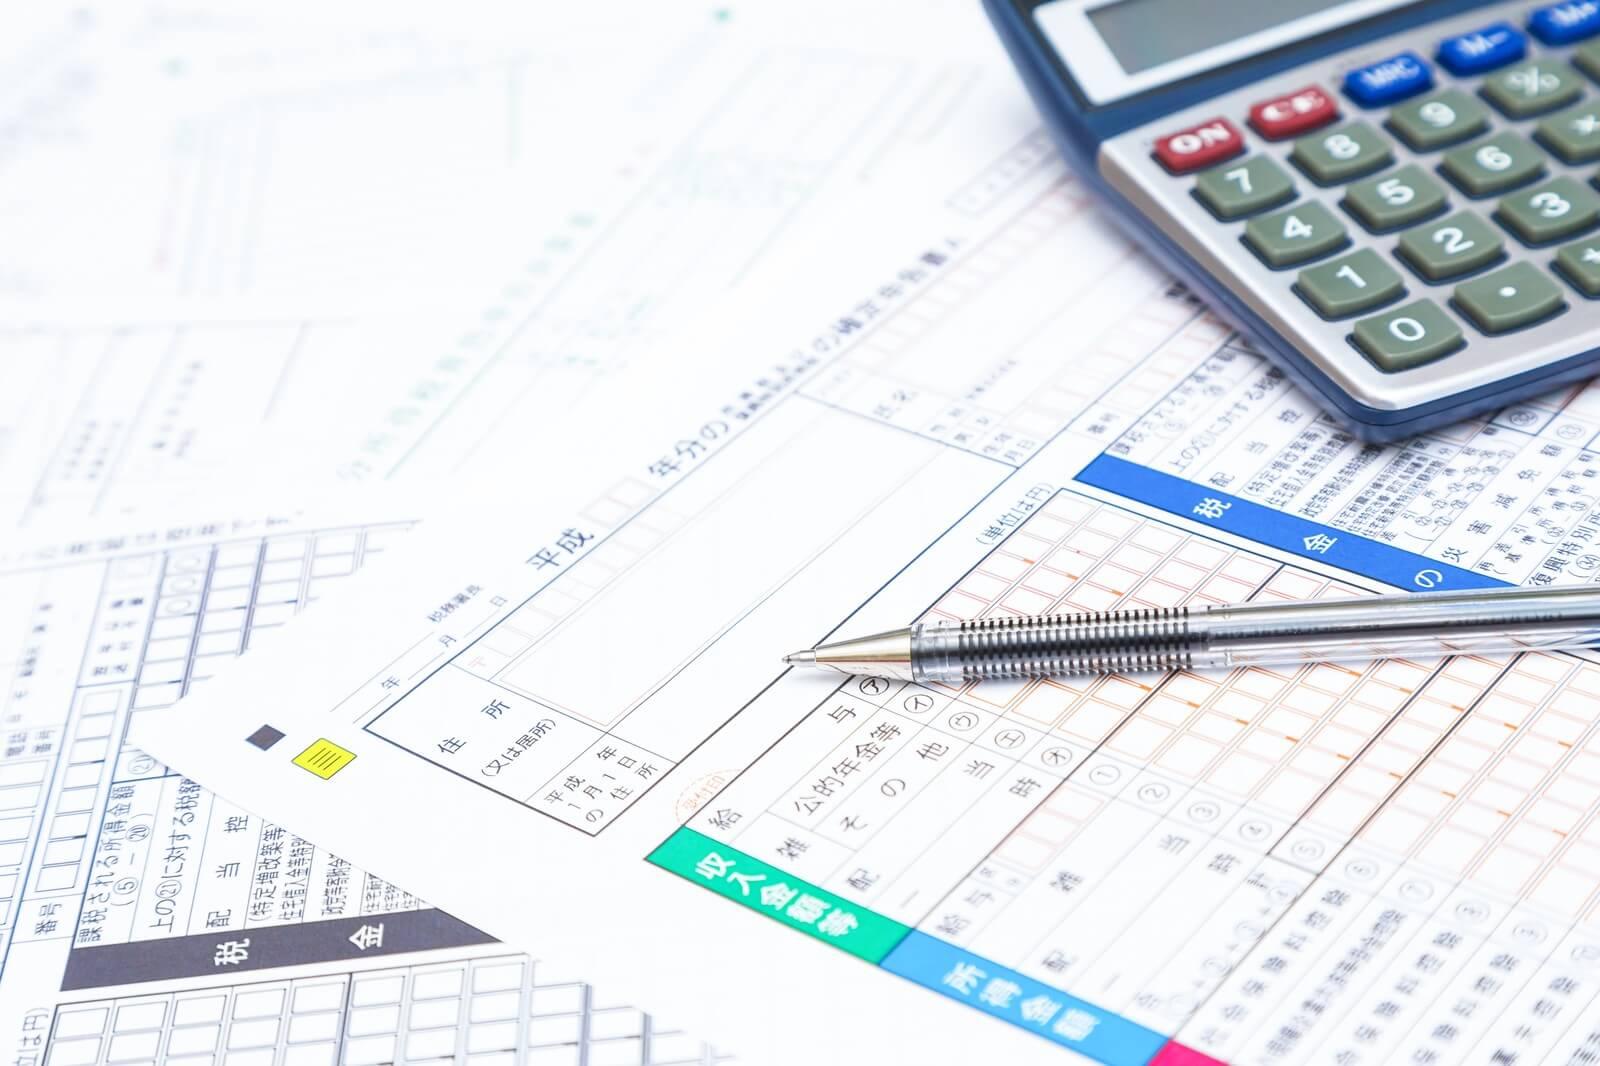 投資どころか貯金がない!余裕資金を作るための家計管理術